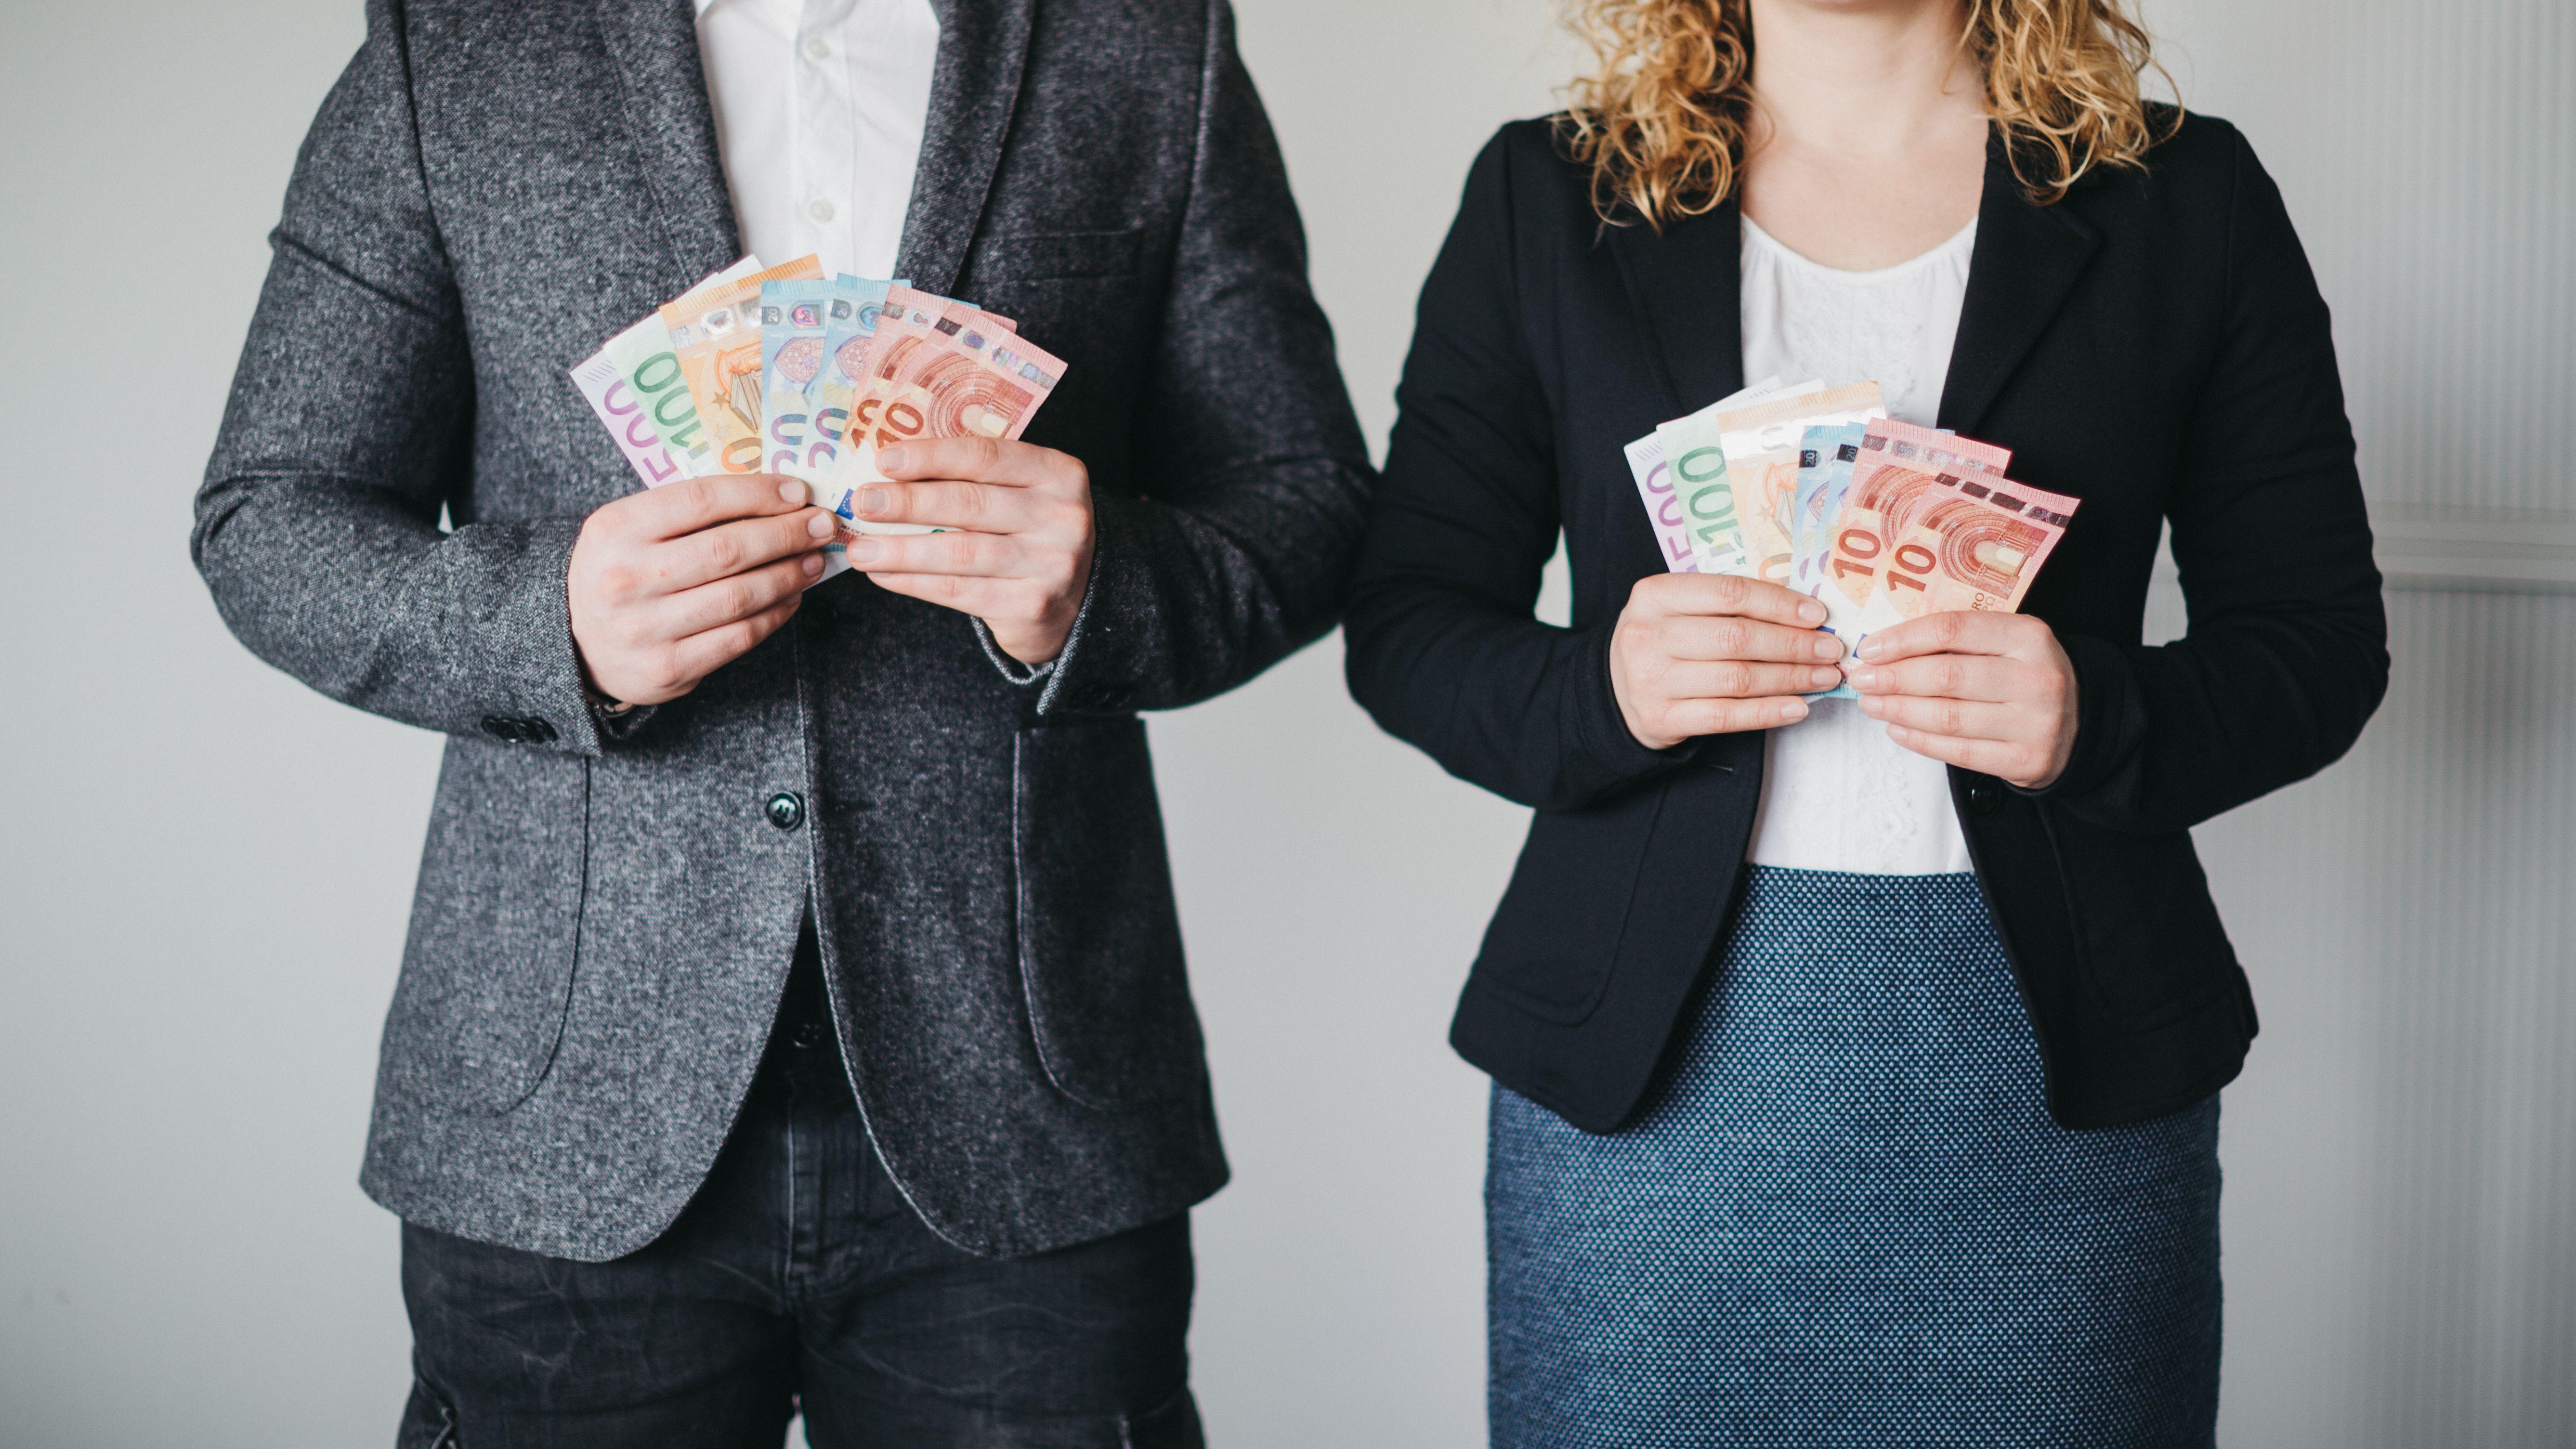 Mann und Frau halten Geldscheine in den Händen.